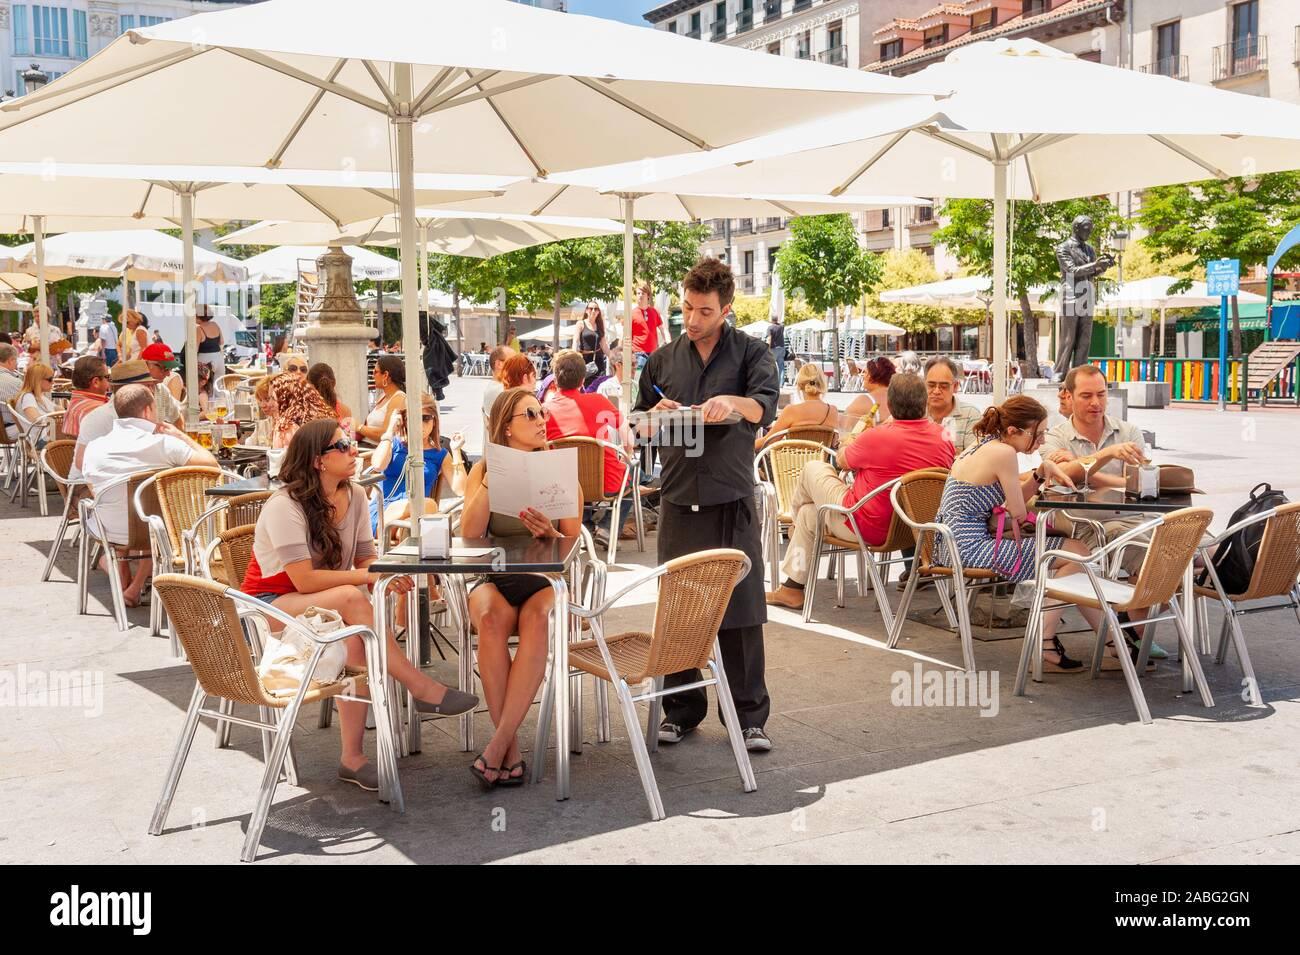 People ordering drinks at bar tables on Plaza de Santa Ana, Barrio de las Letras, Madrid, Spain Stock Photo